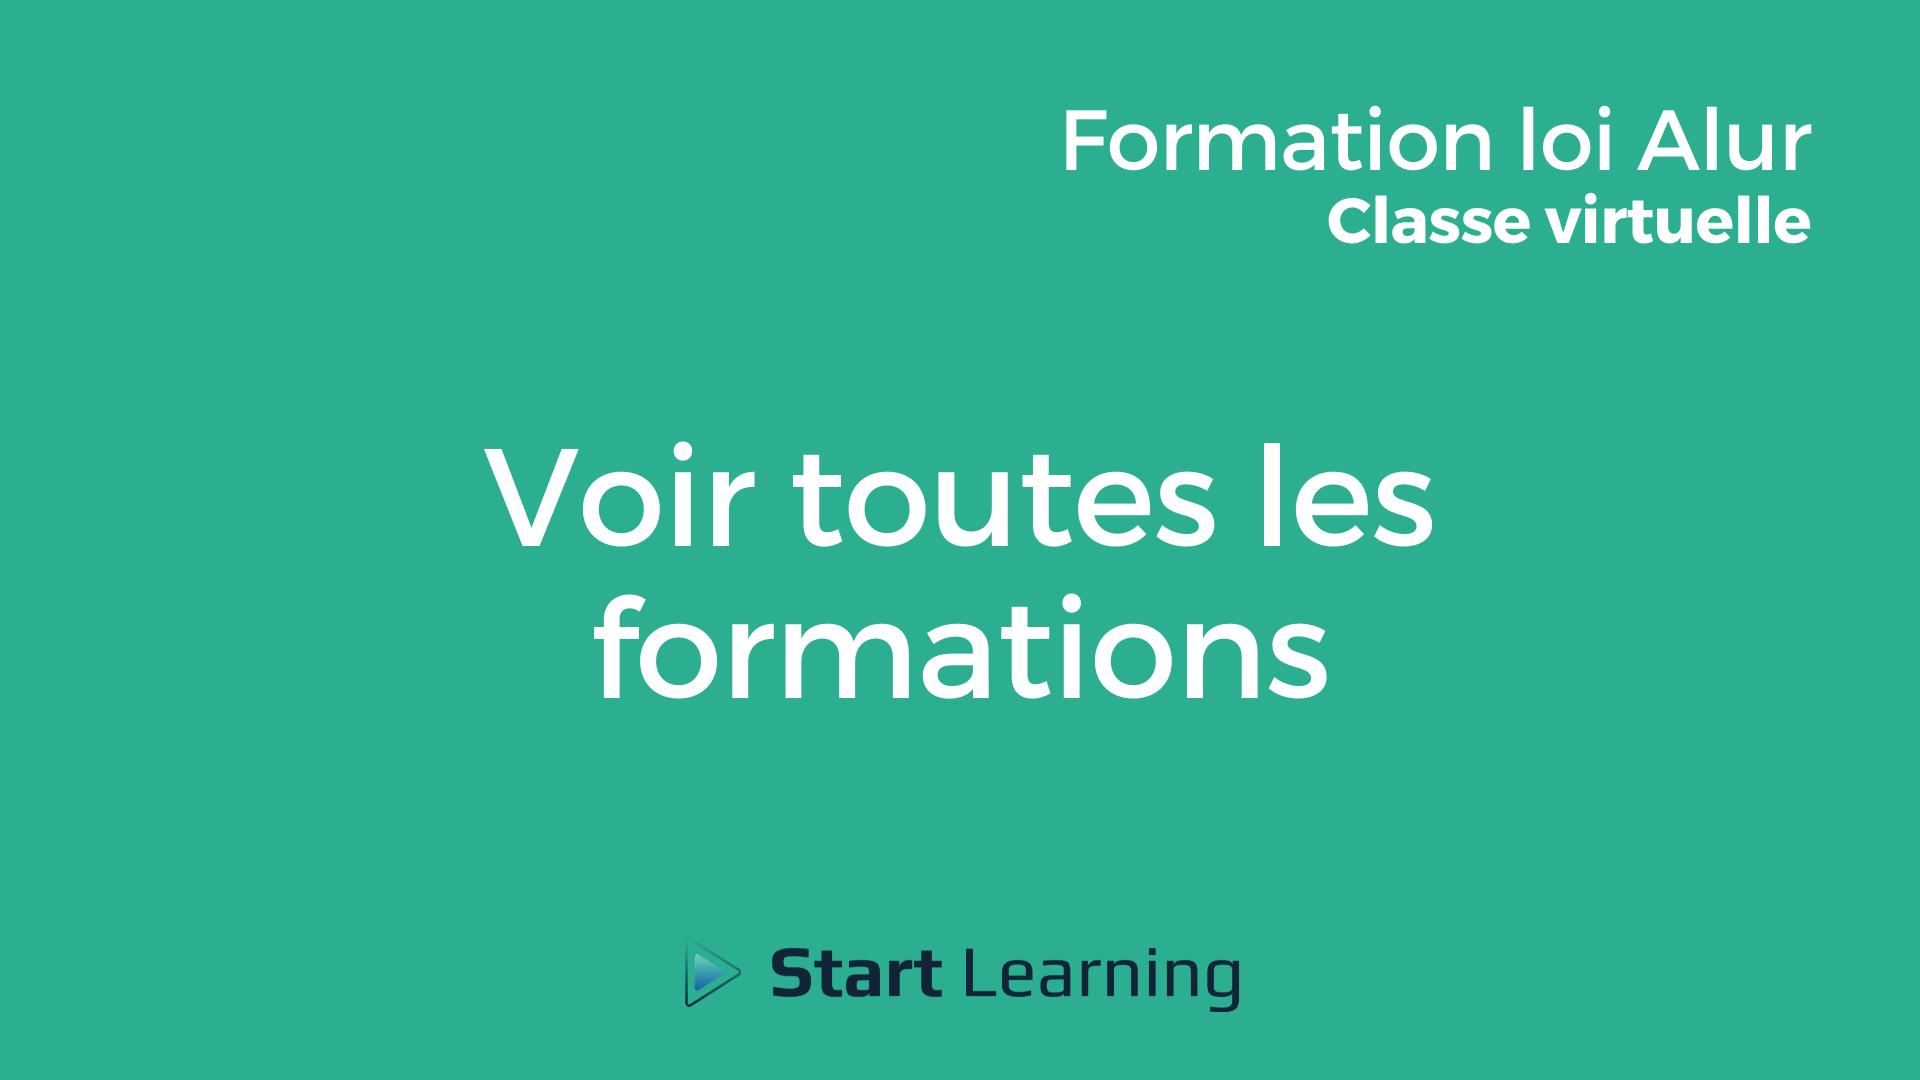 Formation loi Alur en classe virtuelle - Toutes les formations